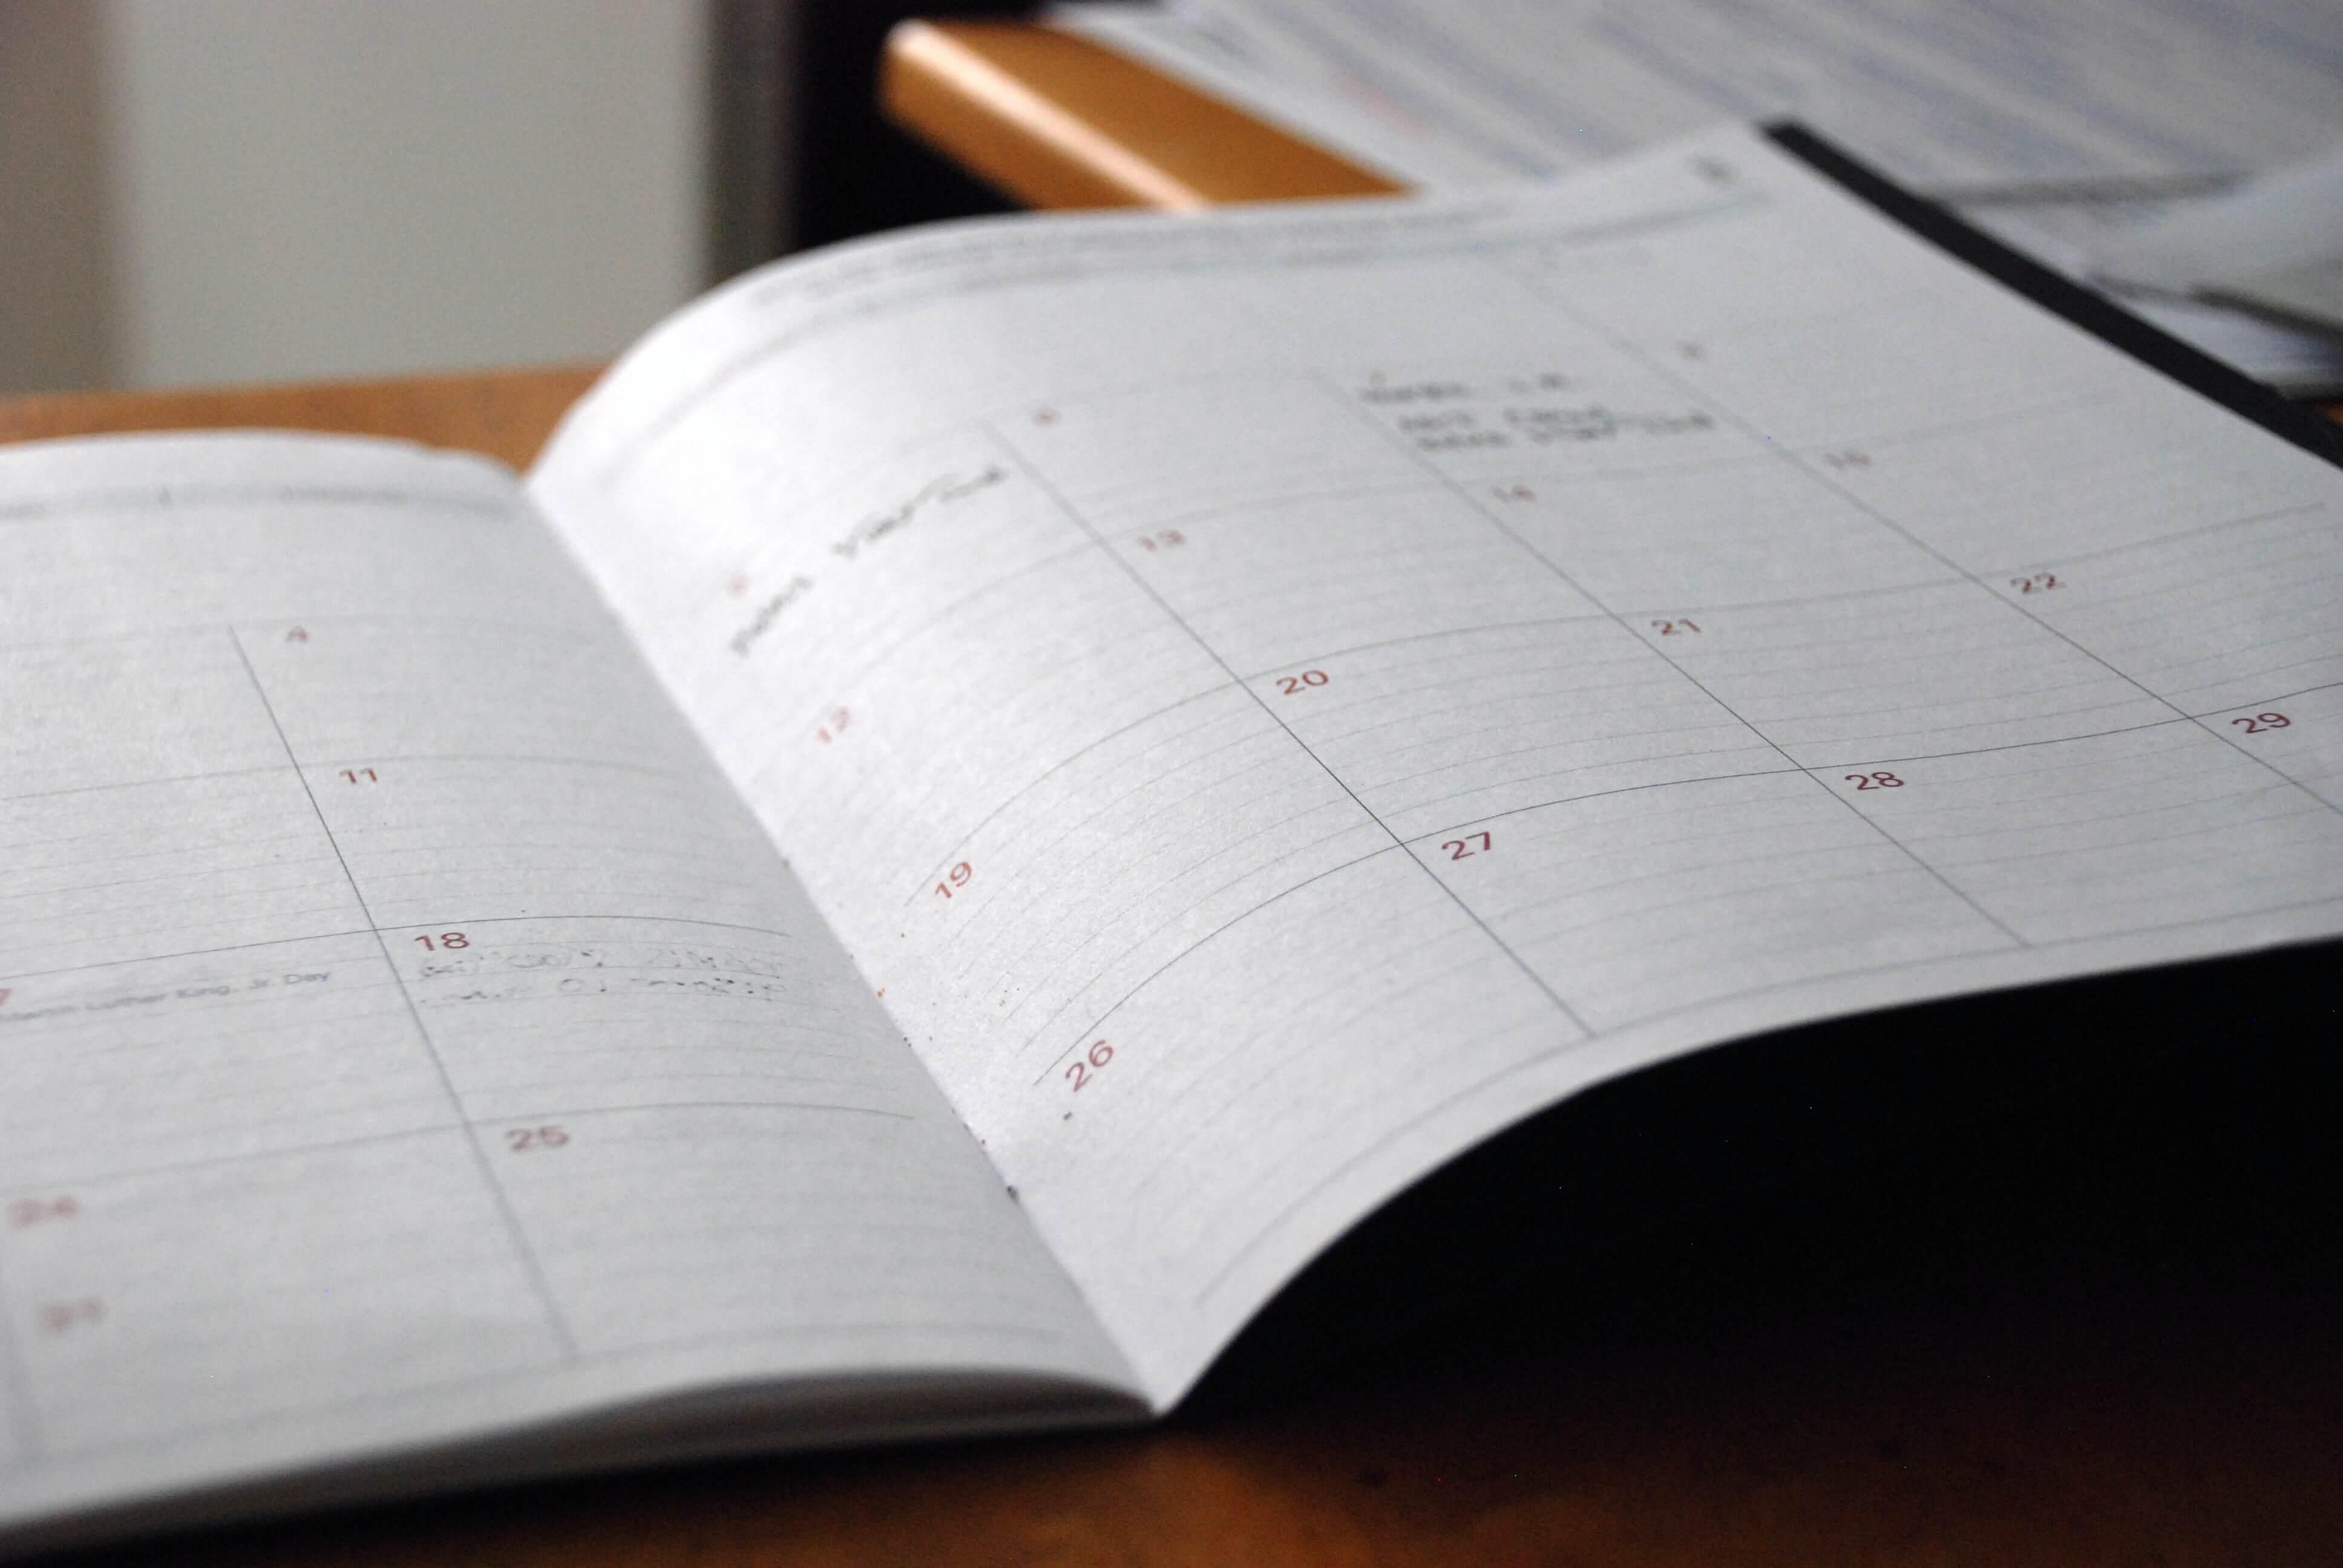 open schedule book